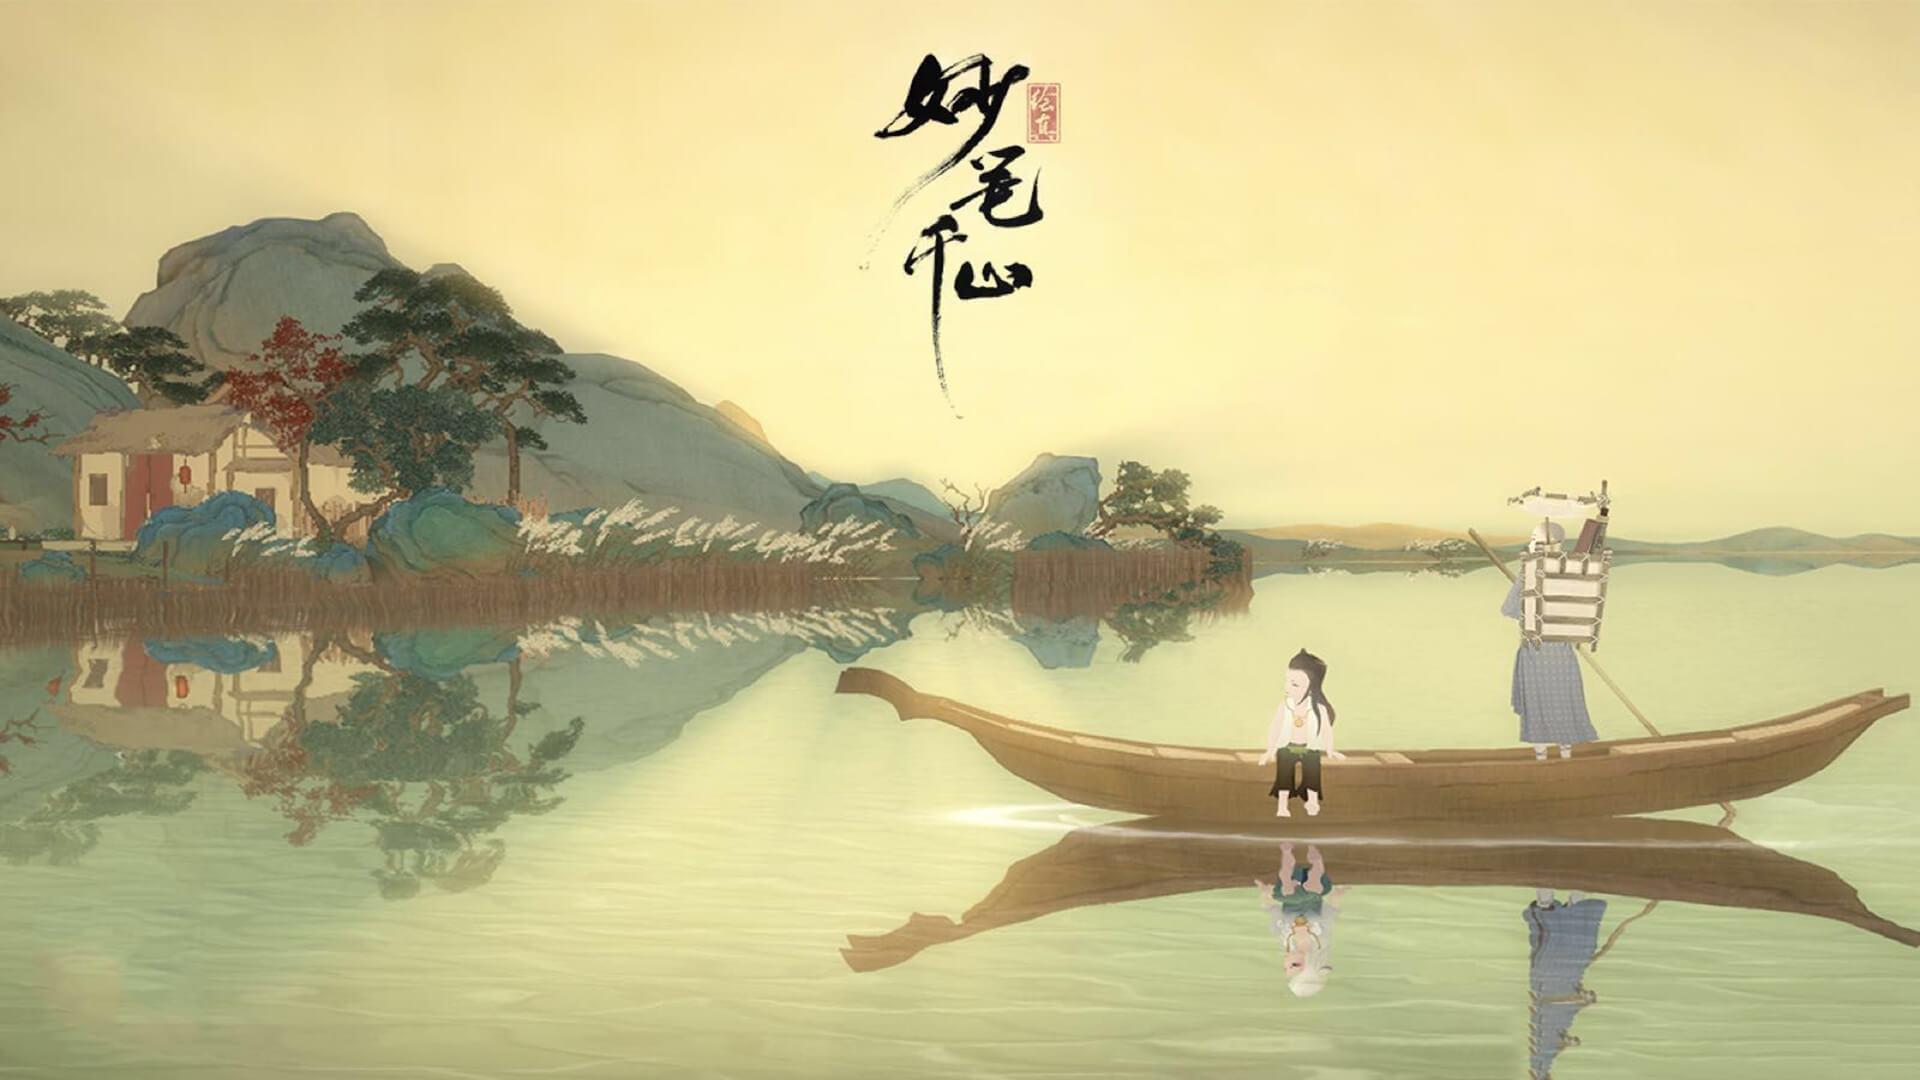 中传互动CEO谭谦:优秀的文化内容造就精品游戏3